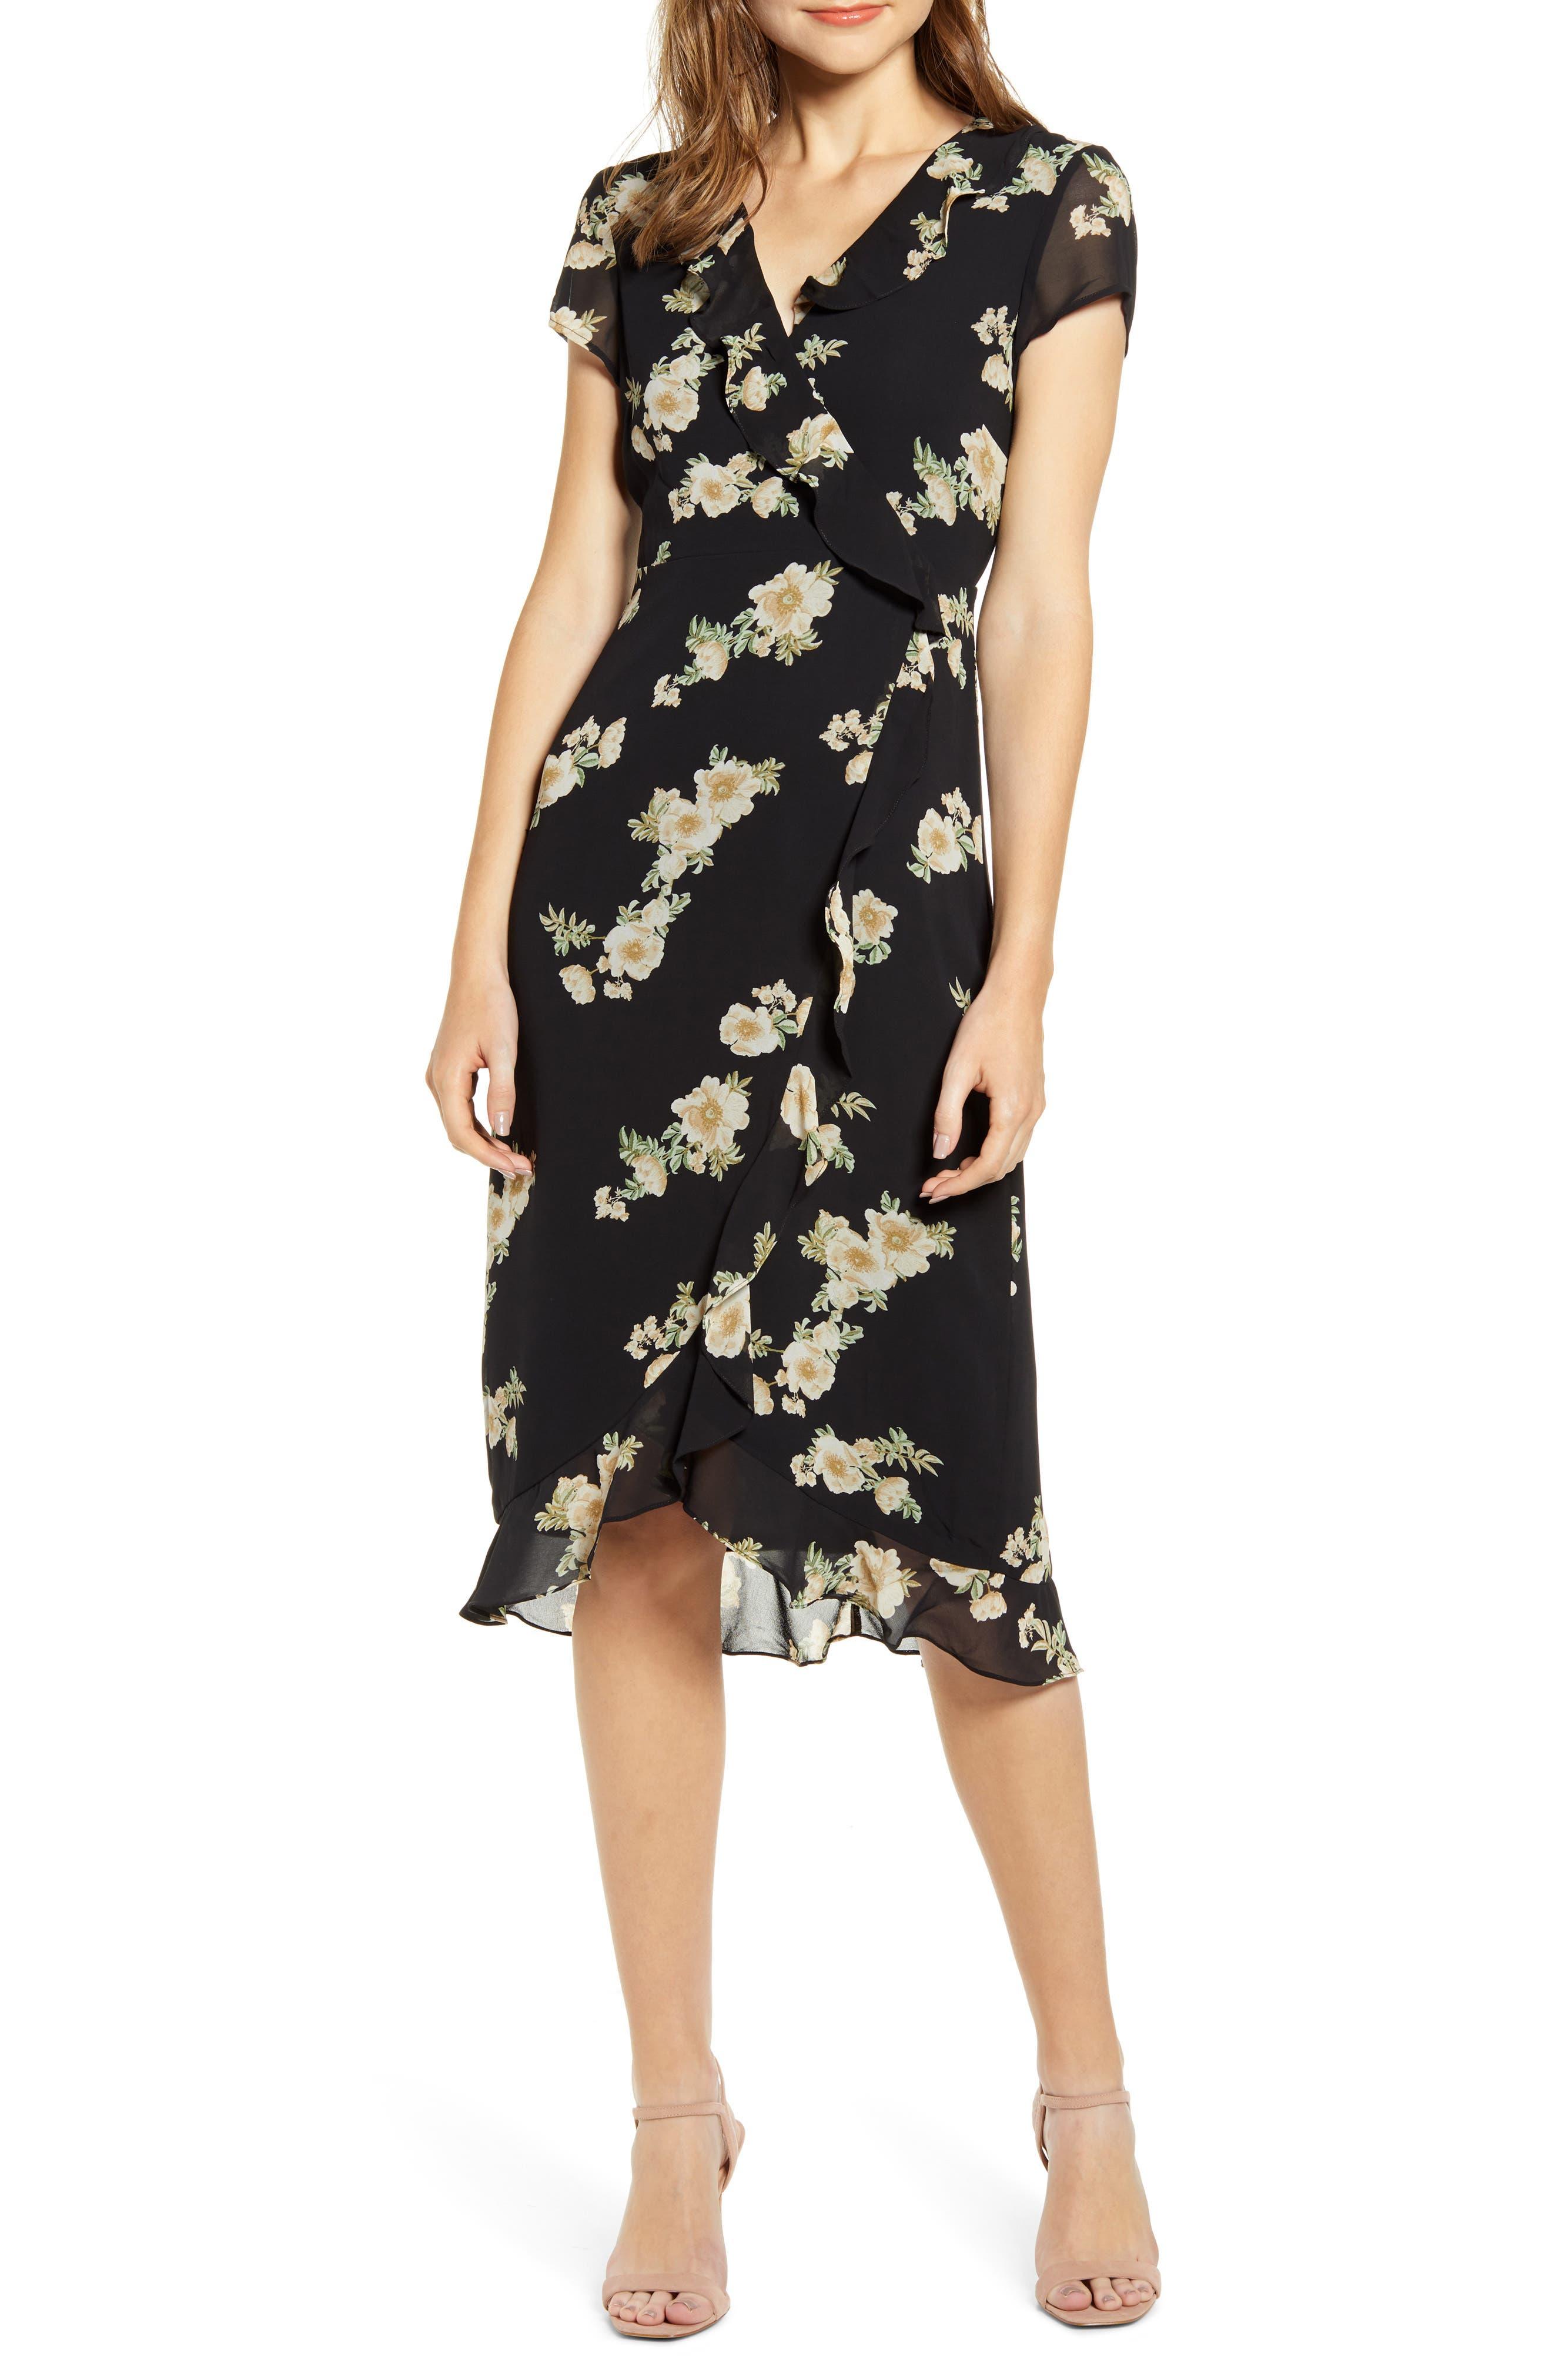 Bardot Floral Print Faux Wrap Chiffon Dress, Black